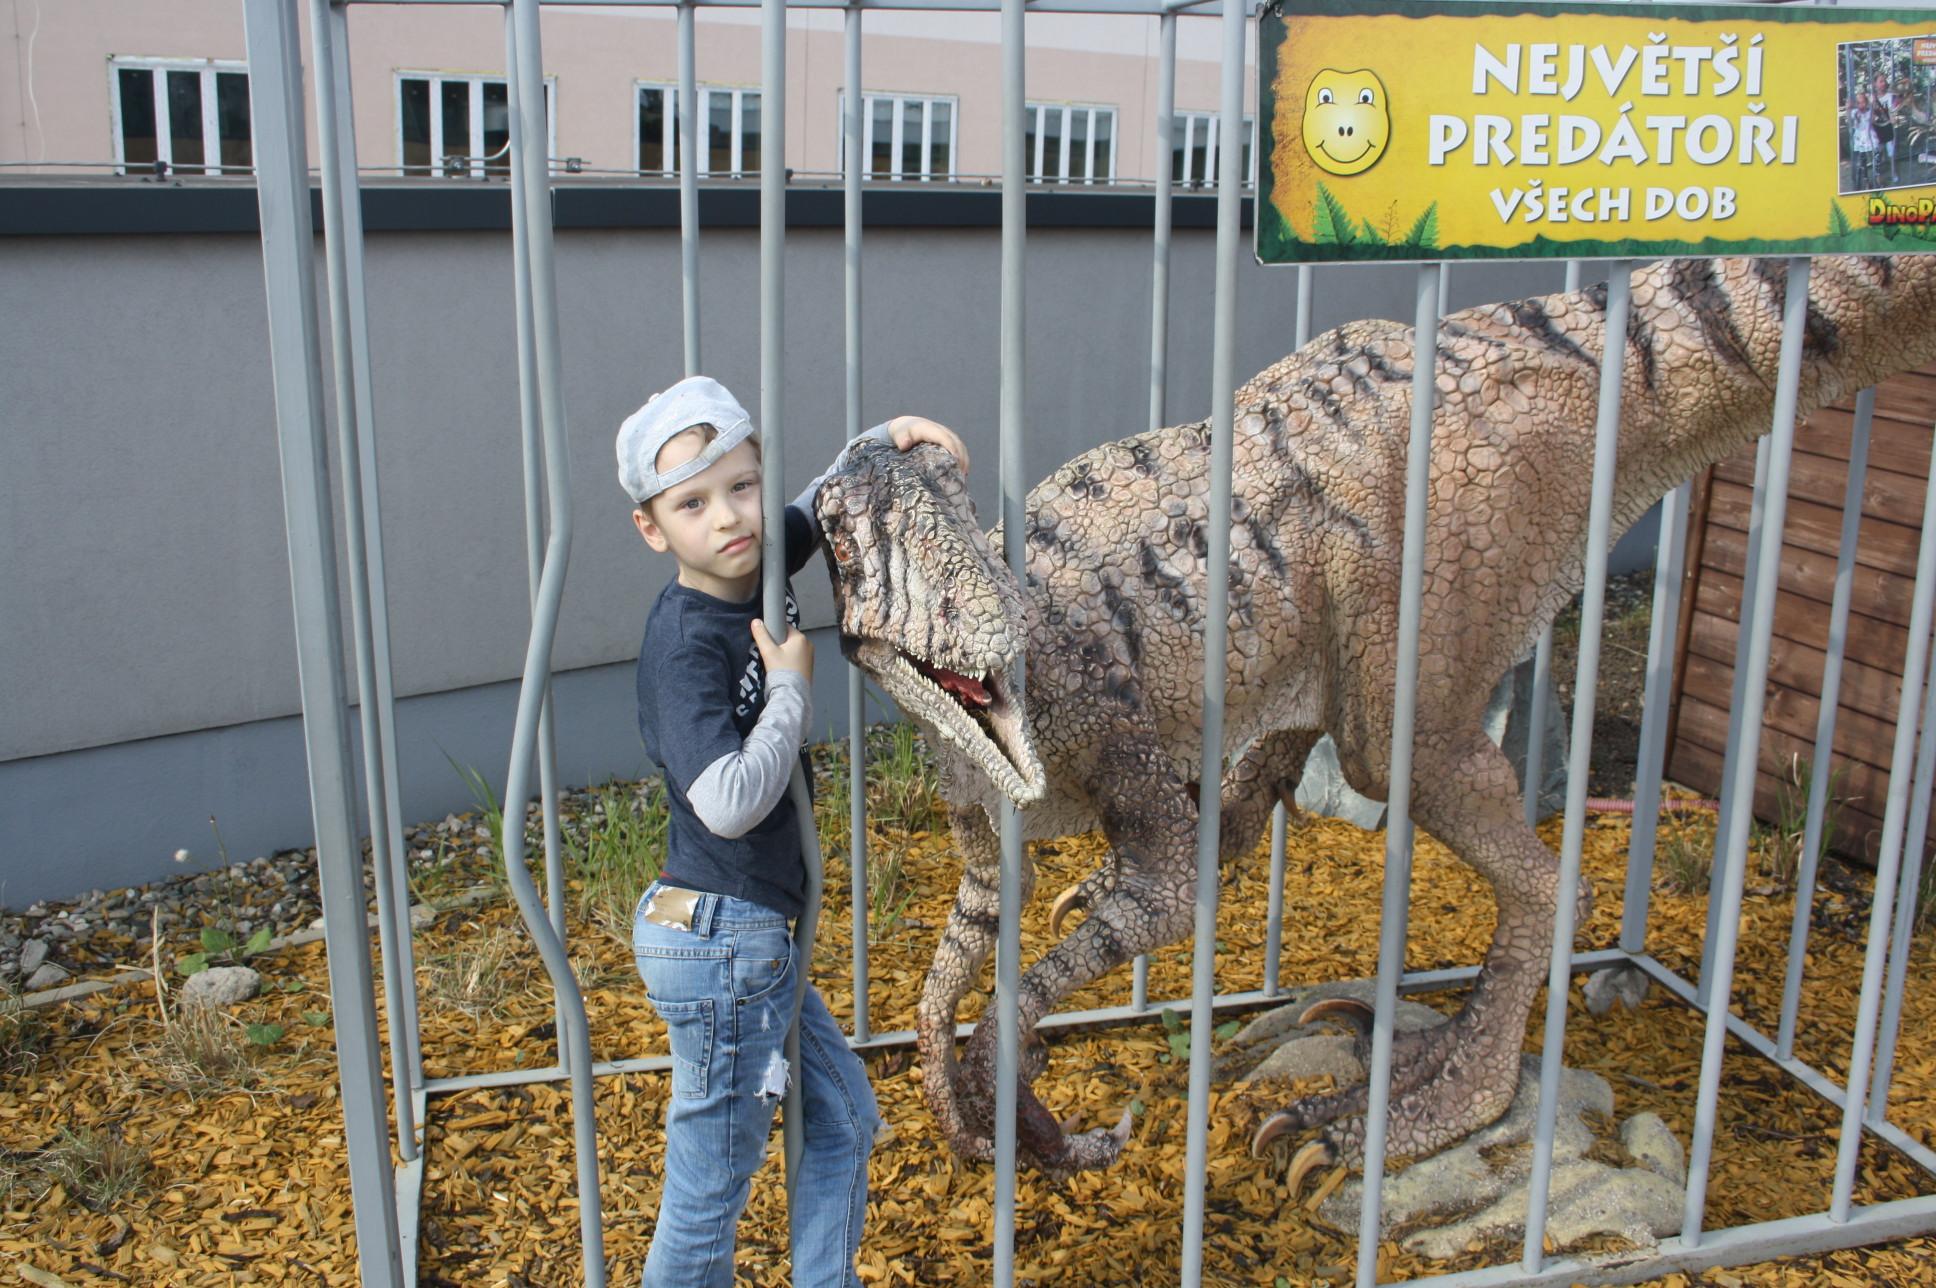 бесстрашный мальчуган в клетке с монстром . Любимые динозавры